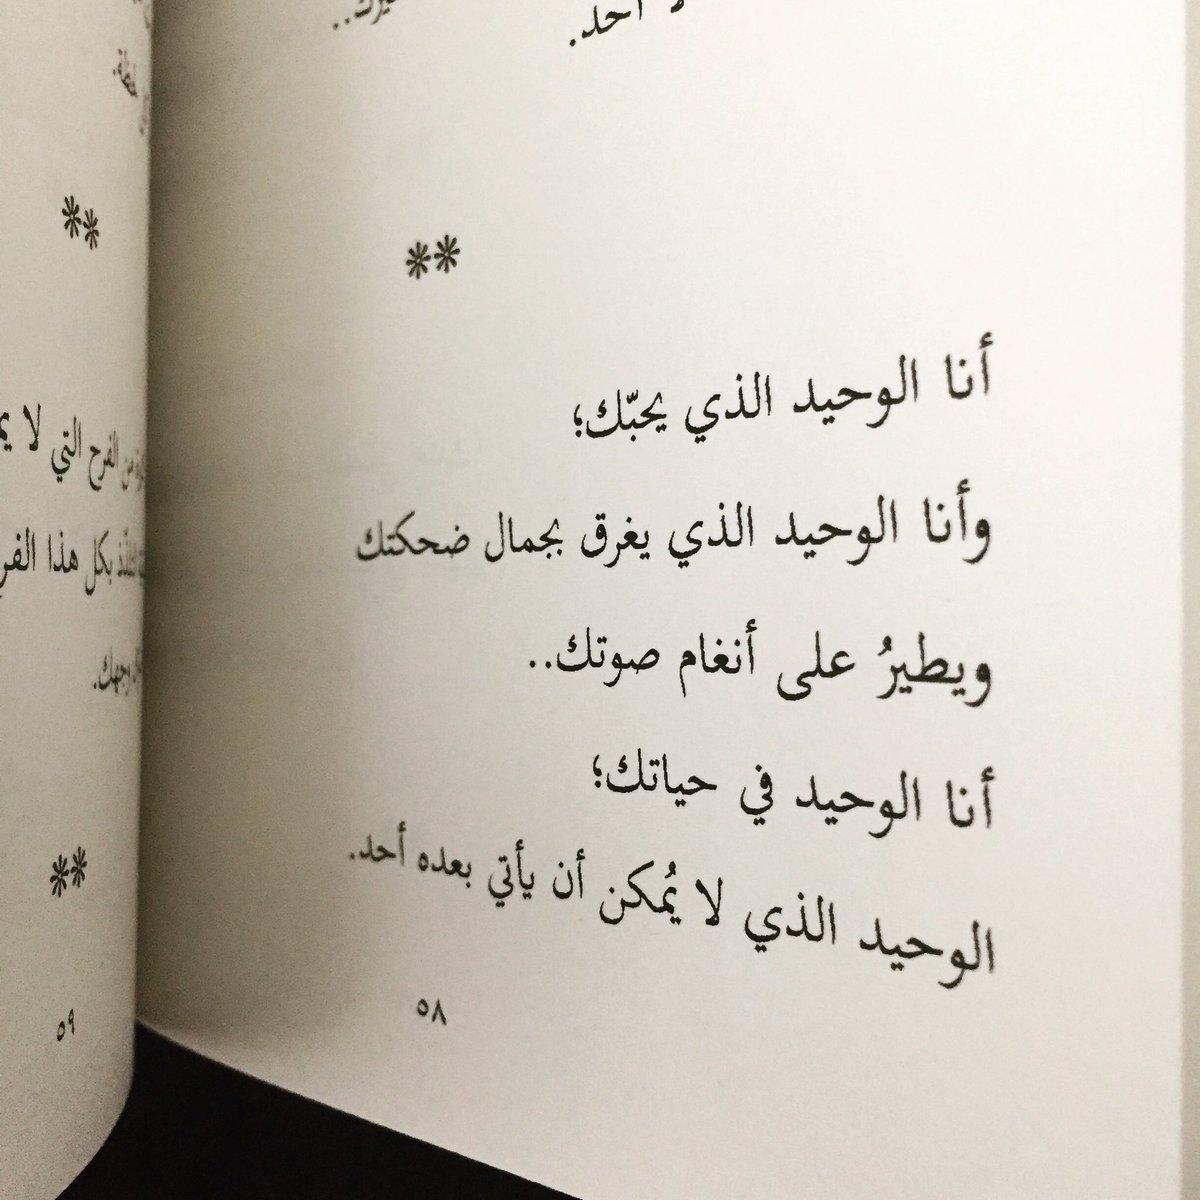 بالصور اشعار حب وشوق , شعر رقيق عن الحب و الشوق رومانسي 2145 6